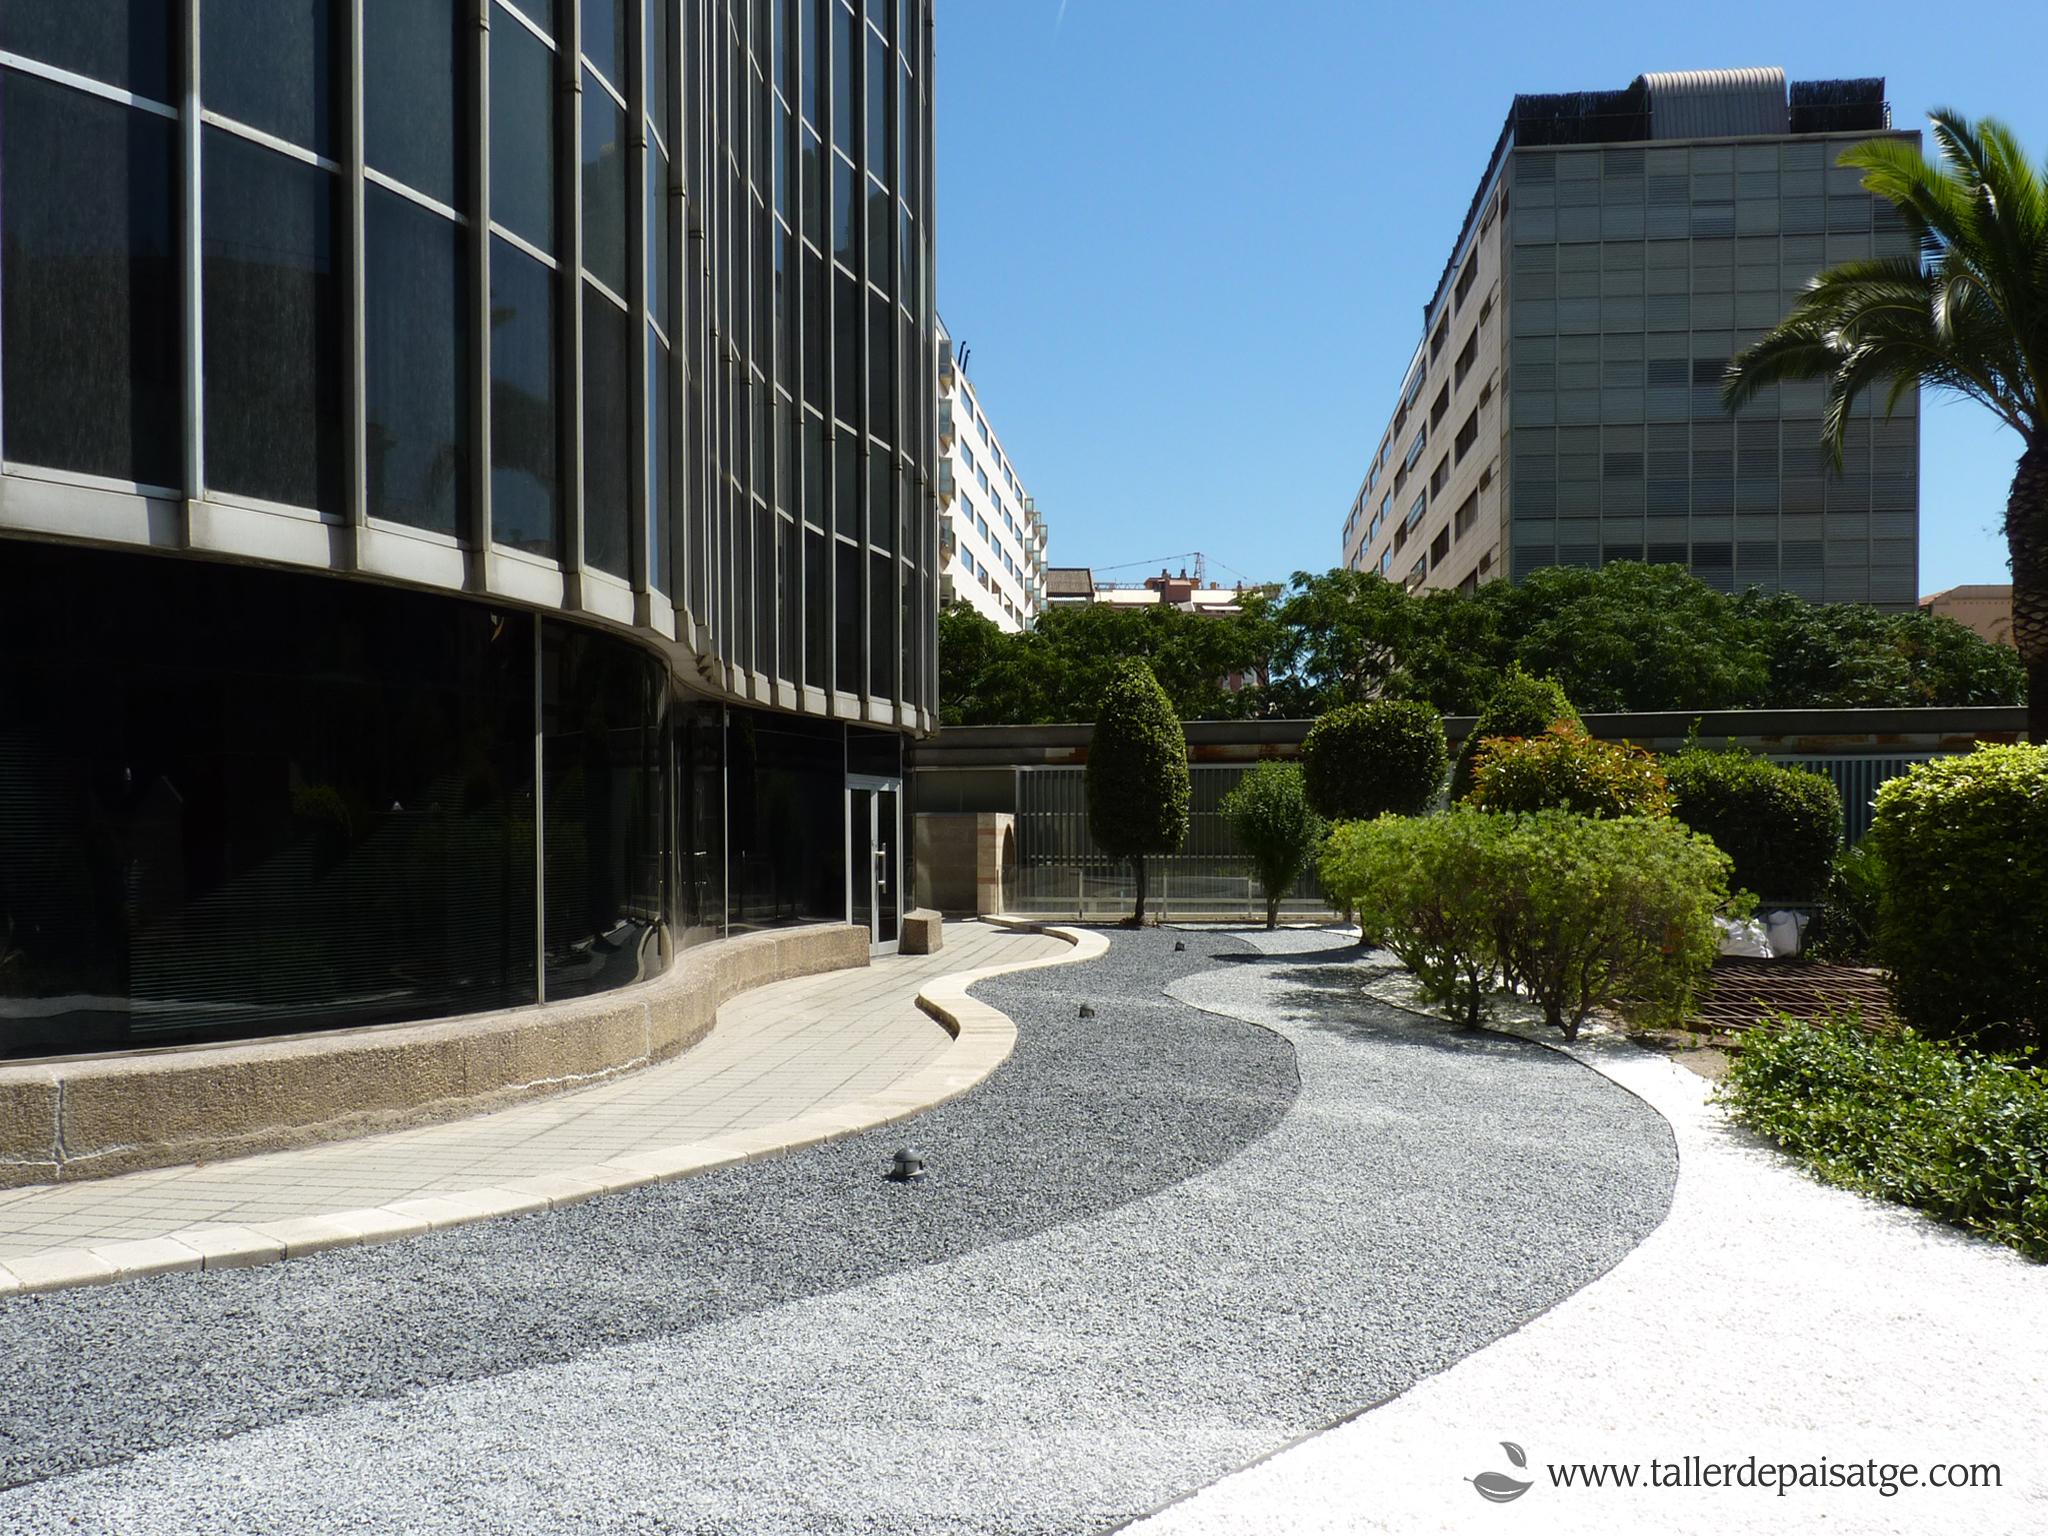 jardí corporatiu